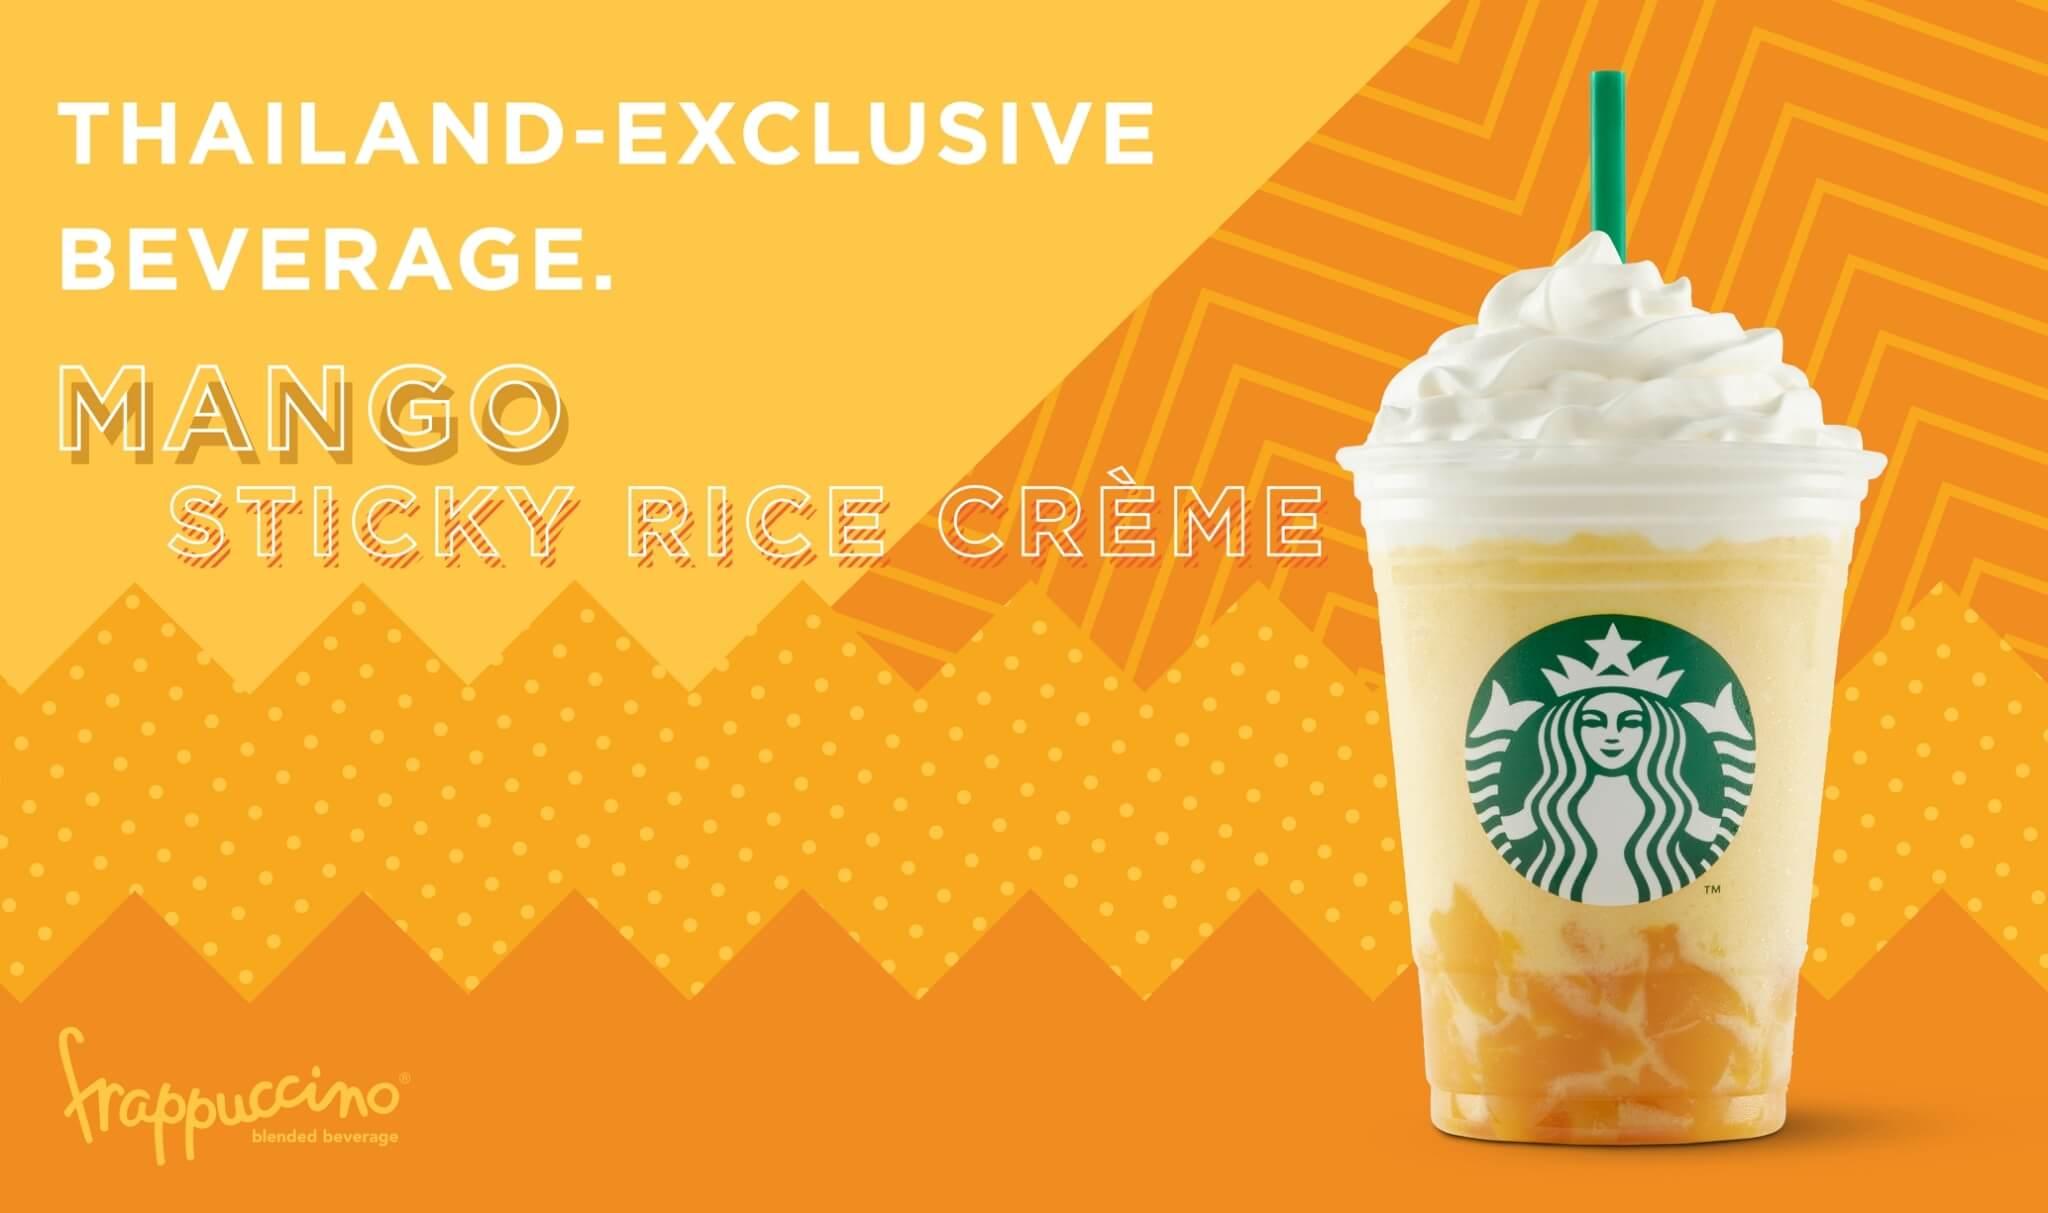 """แก้ว Starbucks ใหม่! """"ข้าวเหนียวมะม่วง"""" ลิมิเต็ดคอลเลคชั่นเฉพาะที่ไทย พร้อมเมนูข้าวเหนียวมะม่วงปั่น 13 - Starbucks (สตาร์บัคส์)"""